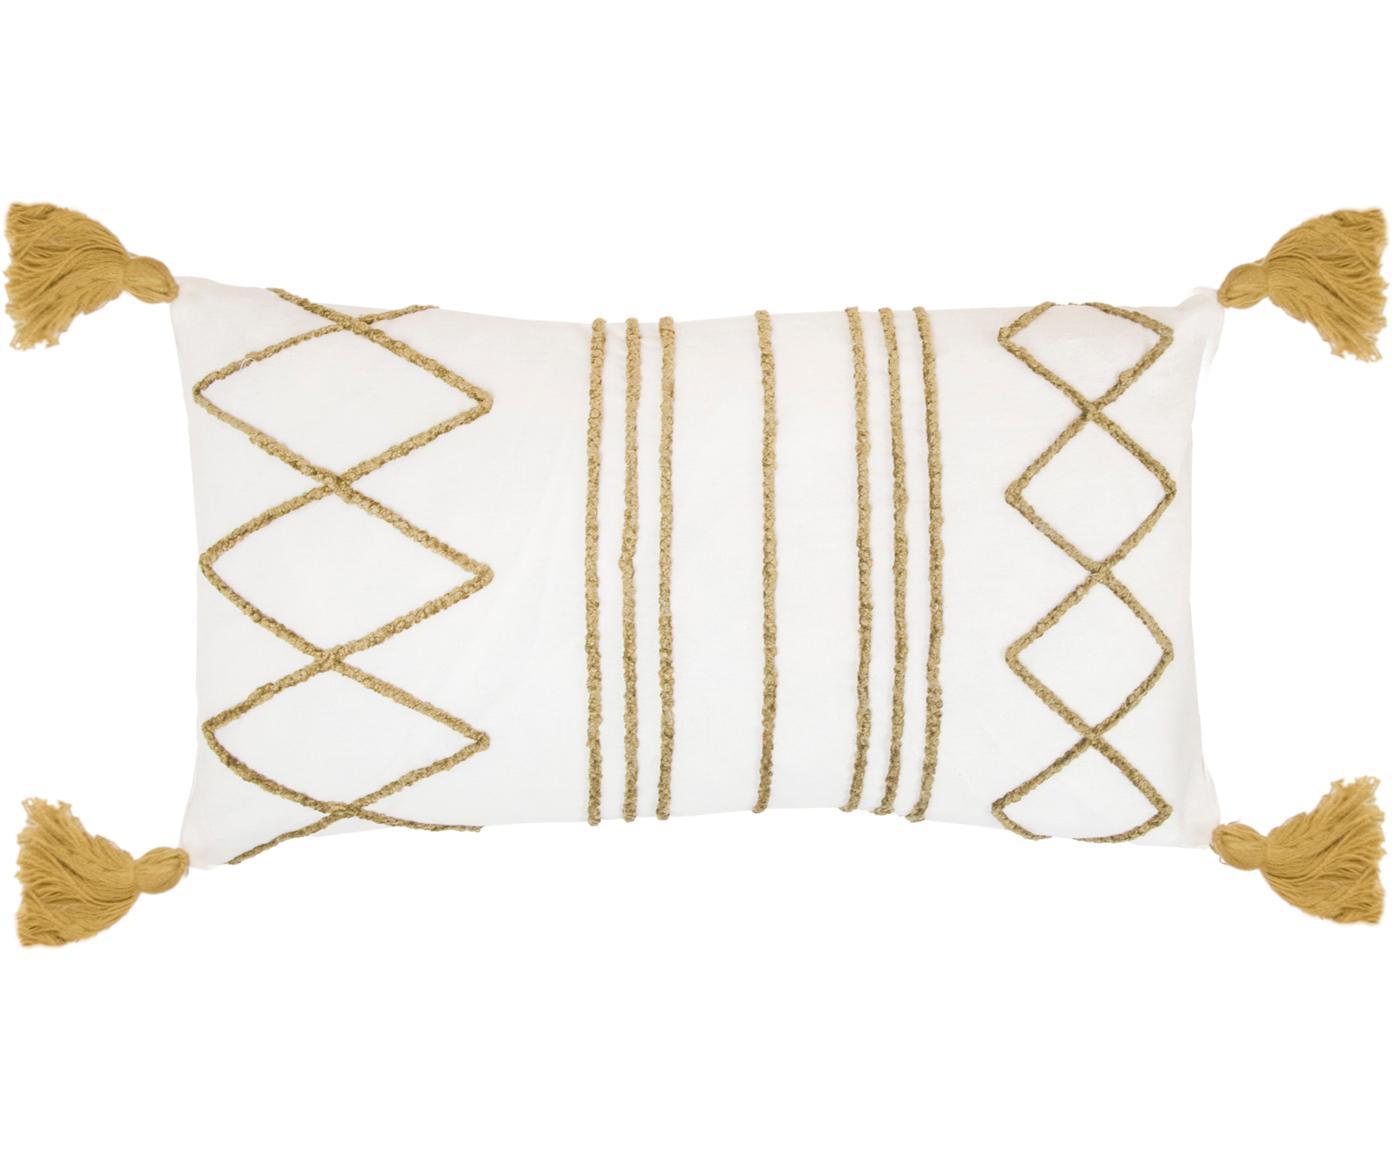 Kissenhülle Istanbul mit Hoch-Tief-Muster aus Chenille und Quasten, 100% Baumwolle, Weiss, Gelb, 30 x 50 cm